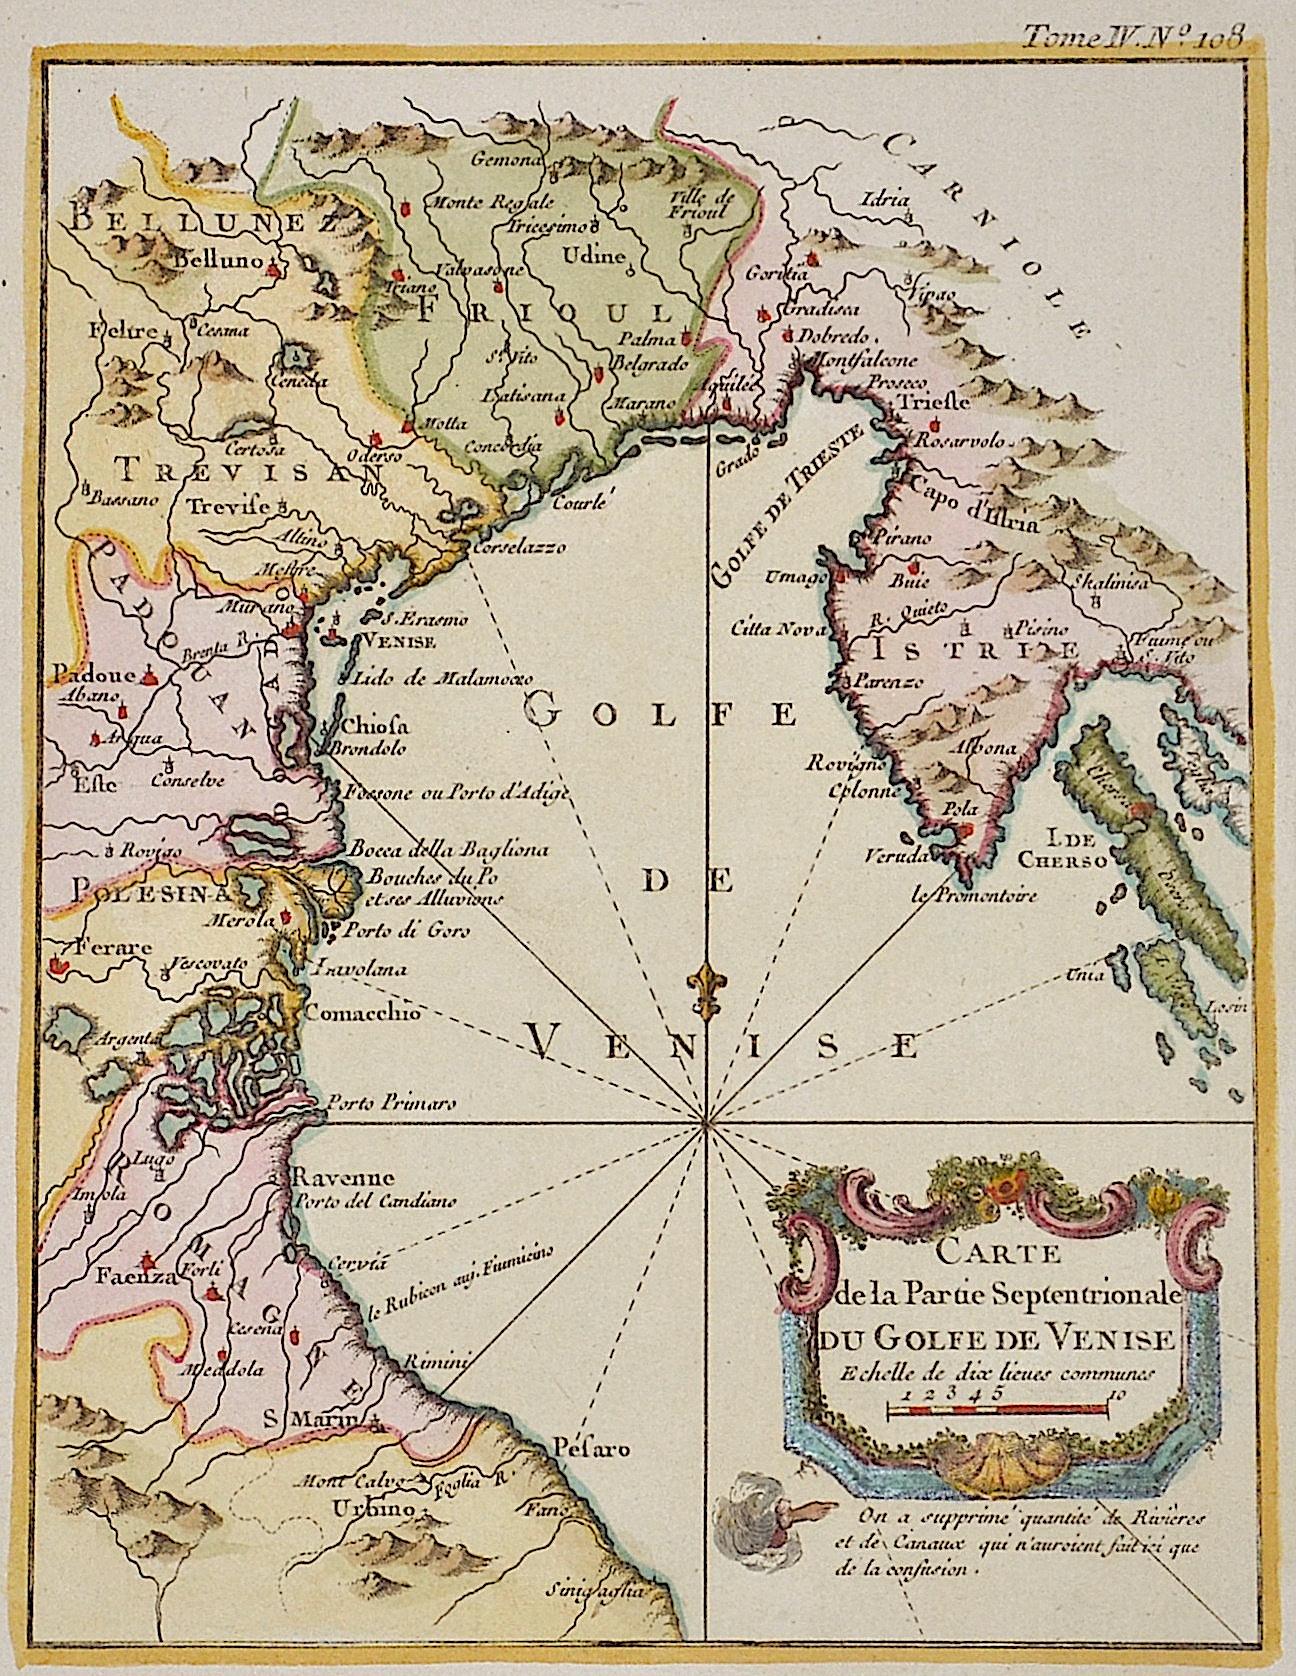 Bellin Jacques Nicolas Carte de la partie Septentrionale du Golfe de Venise